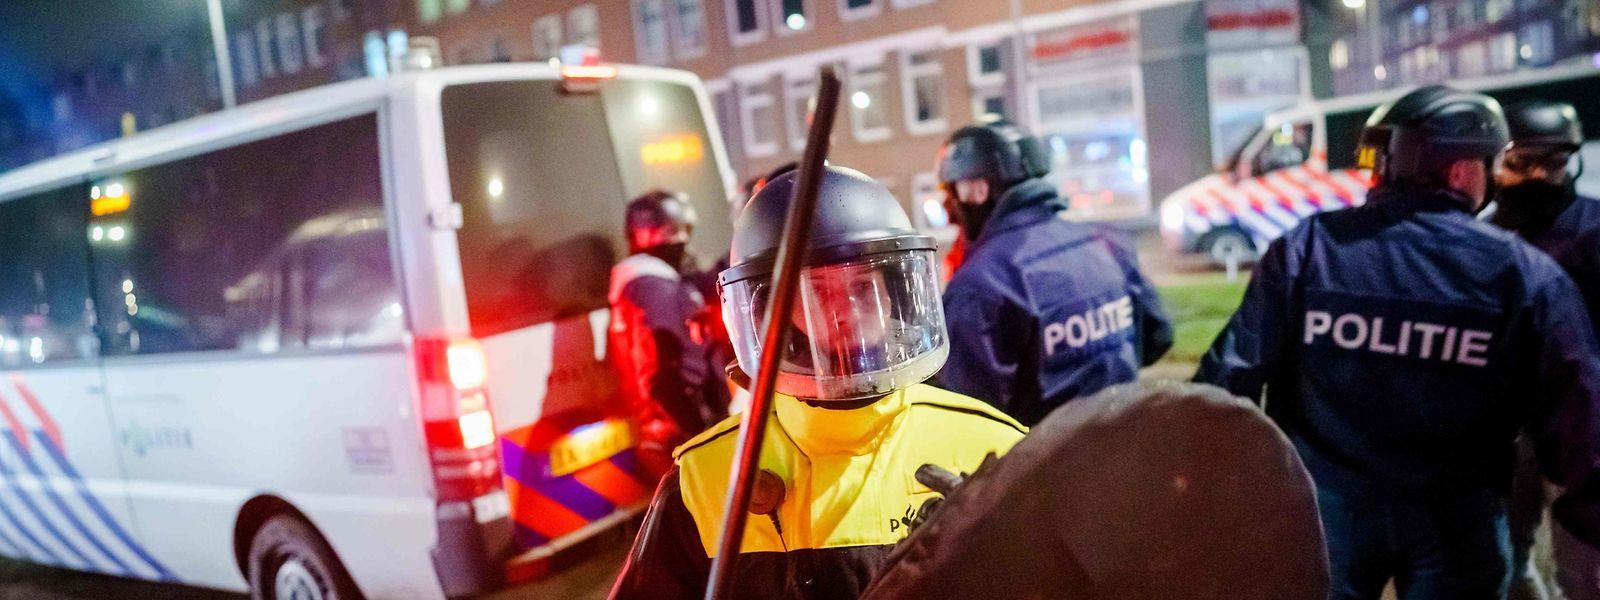 Polizisten versuchen, den Randalierern in Rotterdam beizukommen.